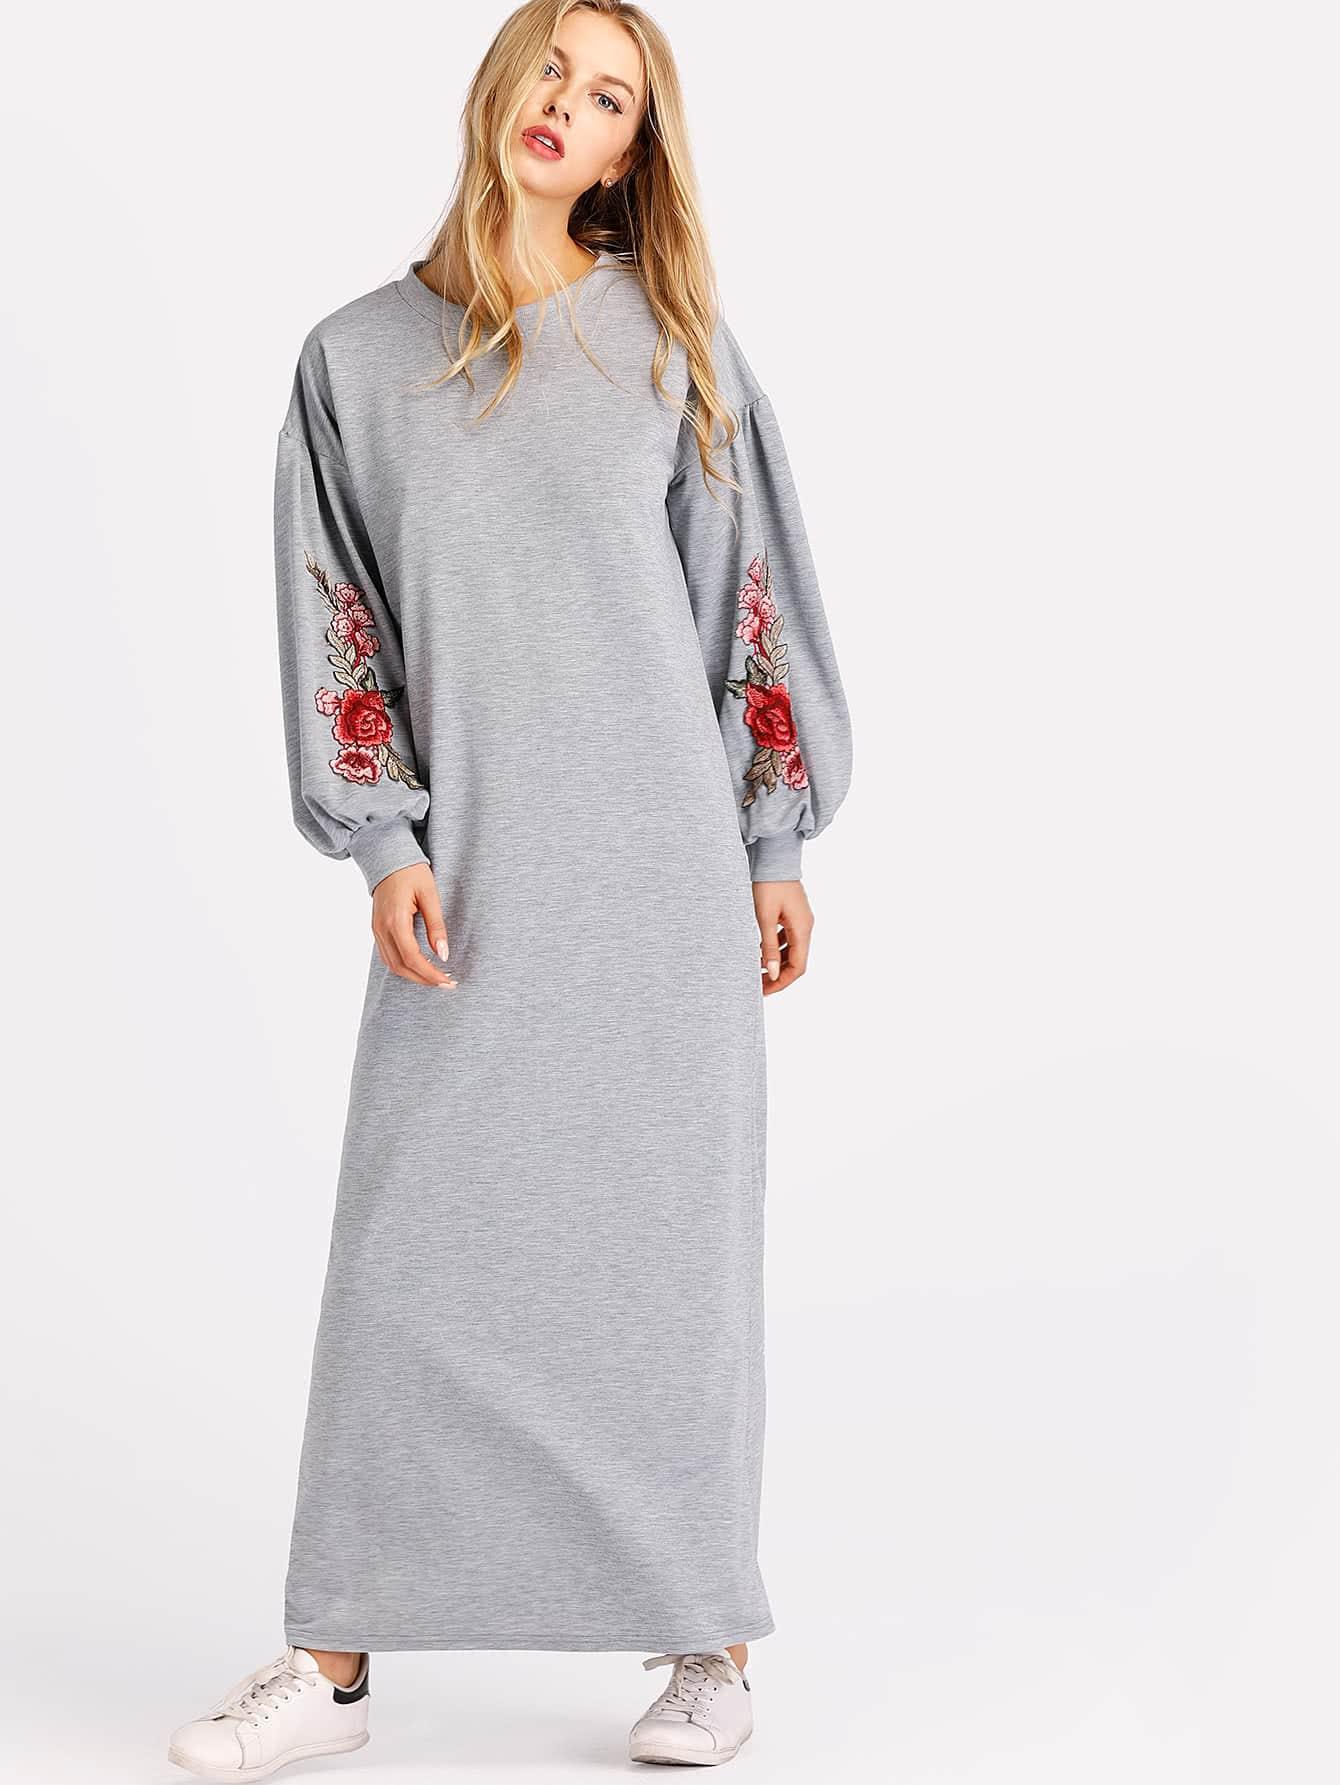 Balloon Sleeve Marled Sweatshirt Dress drop shoulder marled sweatshirt dress with corset belt